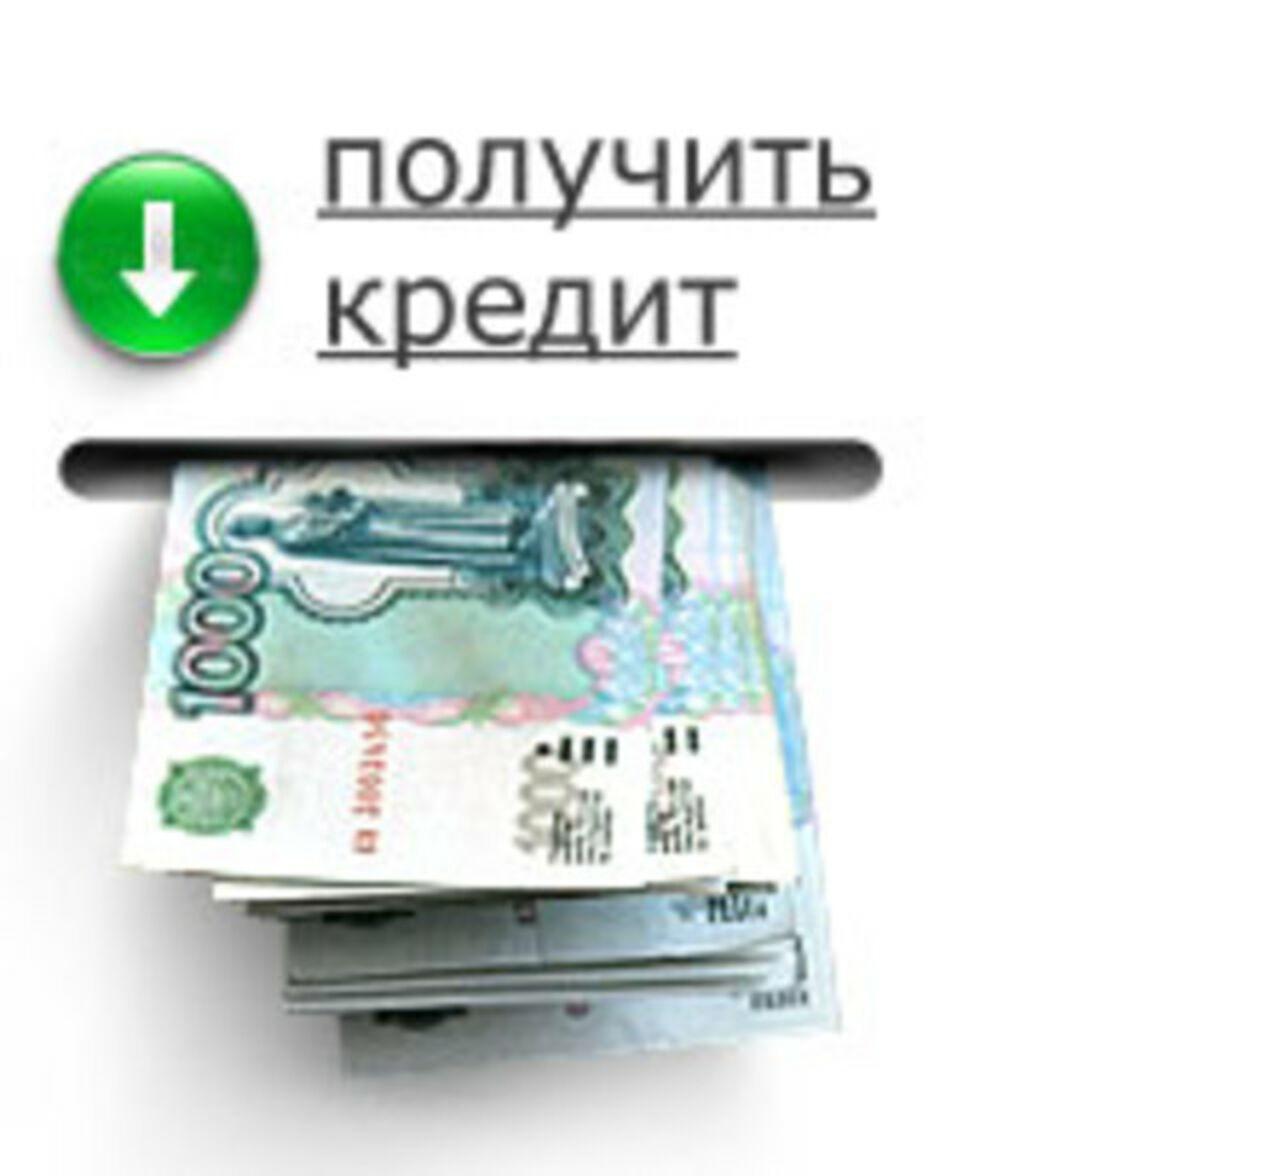 Взять кредит кемеровской области взять кредит на грузовик